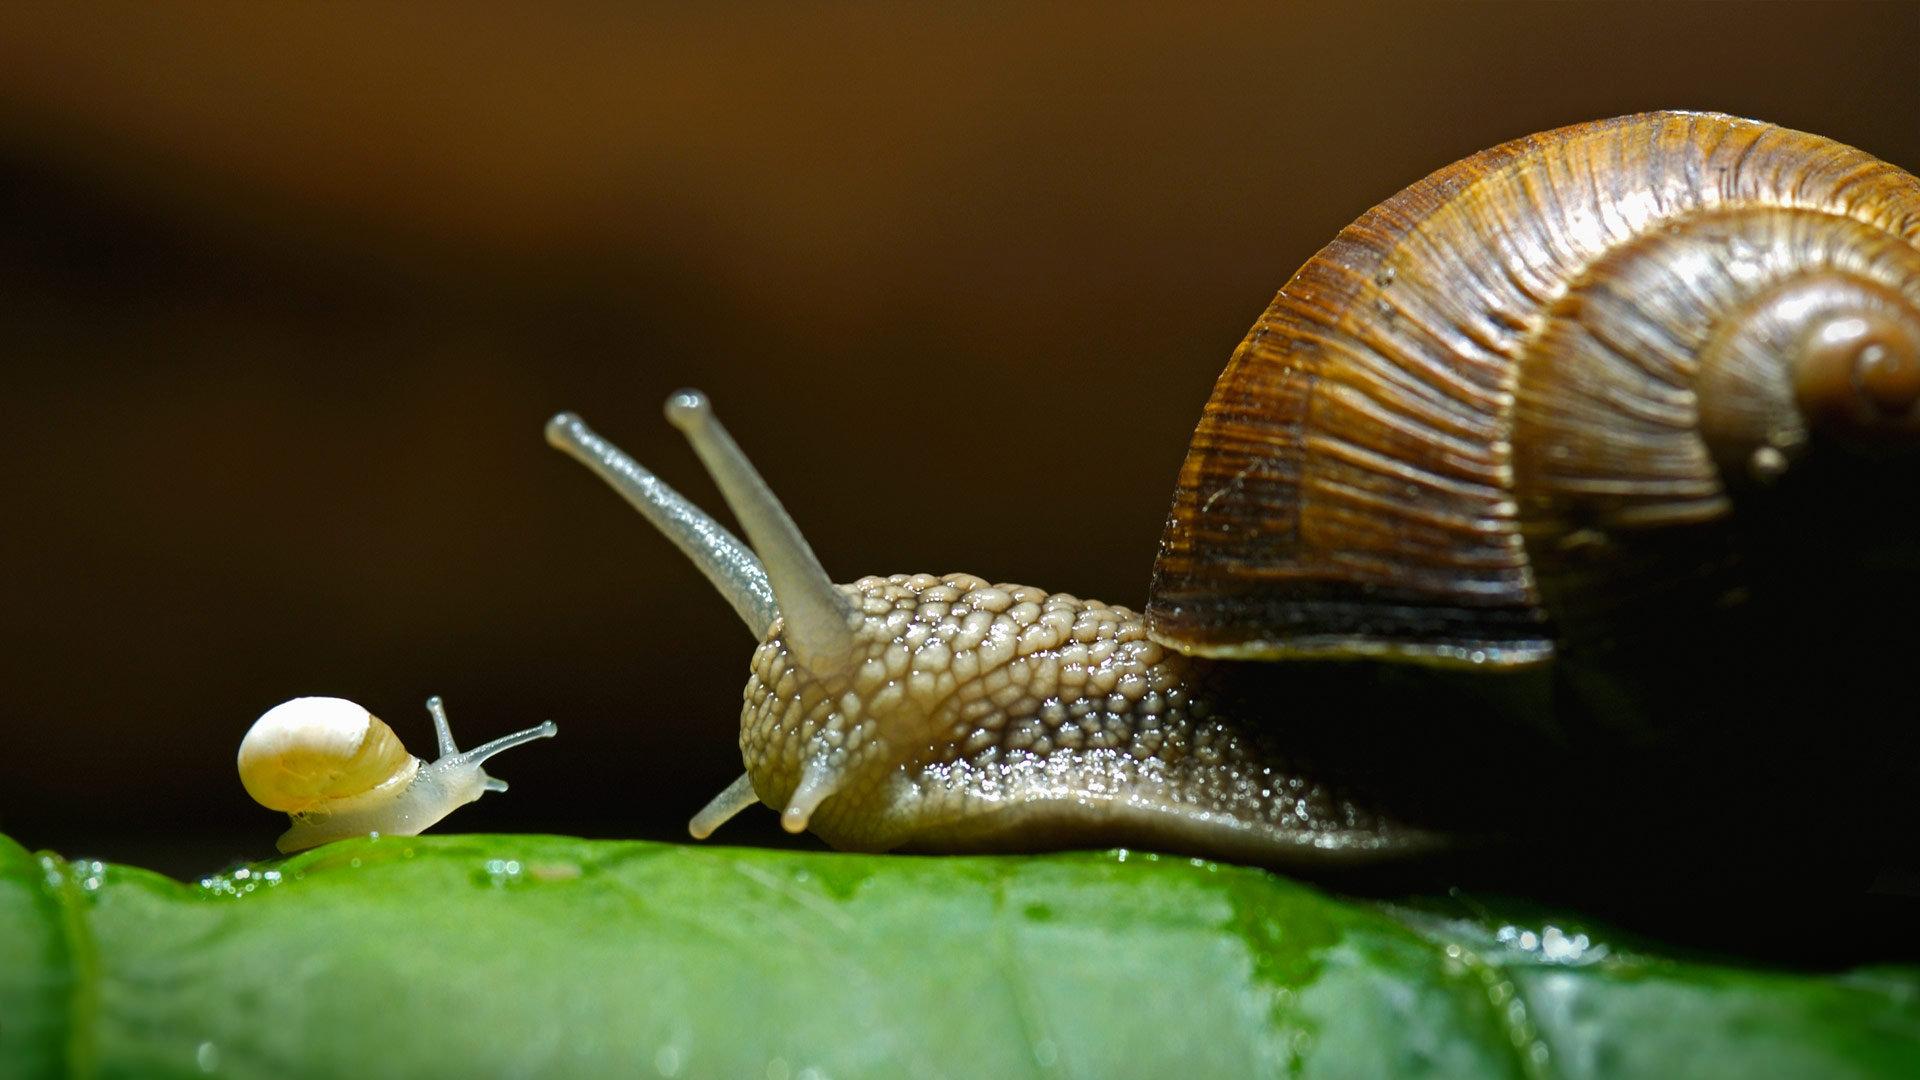 勃艮第蜗牛,也称为食用蜗牛